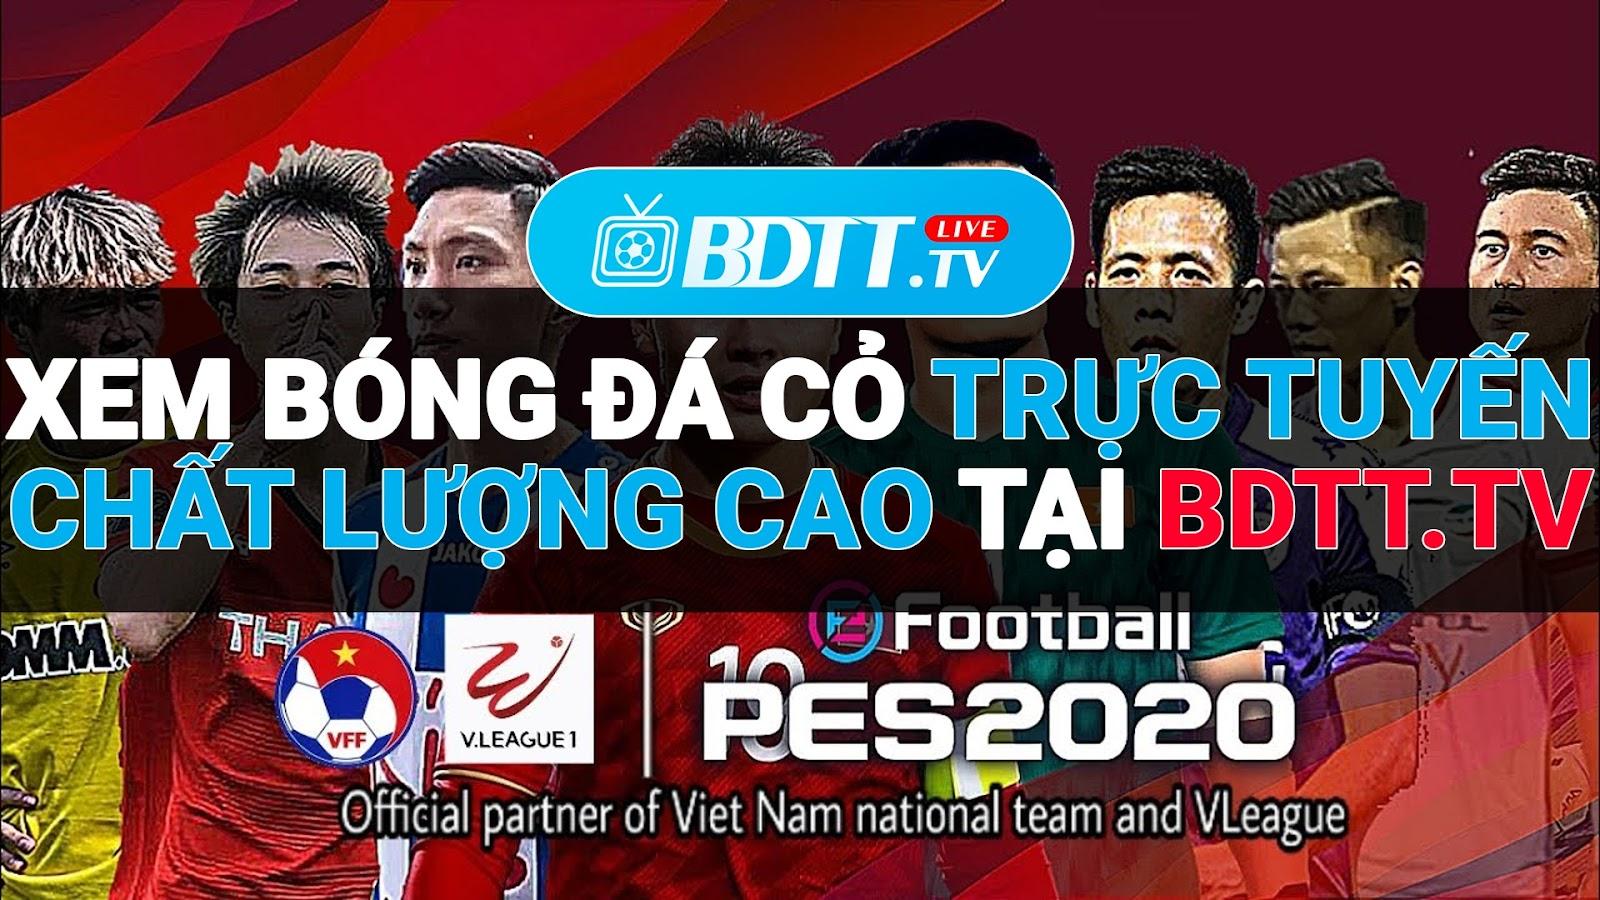 BDTT.tv - Xem trực tiếp bóng đá miễn phí chất lượng cao, là kênh giúp bạn xem được nhiều trận bóng đá được cập nhật 24/7 hằng ngày, kể cả những đấu bóng đá cỏ cũng luôn được kênh BDTT.tv cập nhật cho người xem nhanh chóng và tức thì nhất với hình ảnh sắc nét, âm thanh sôi động, không lag, không mờ, chất lượng hình ảnh full HD 100%.